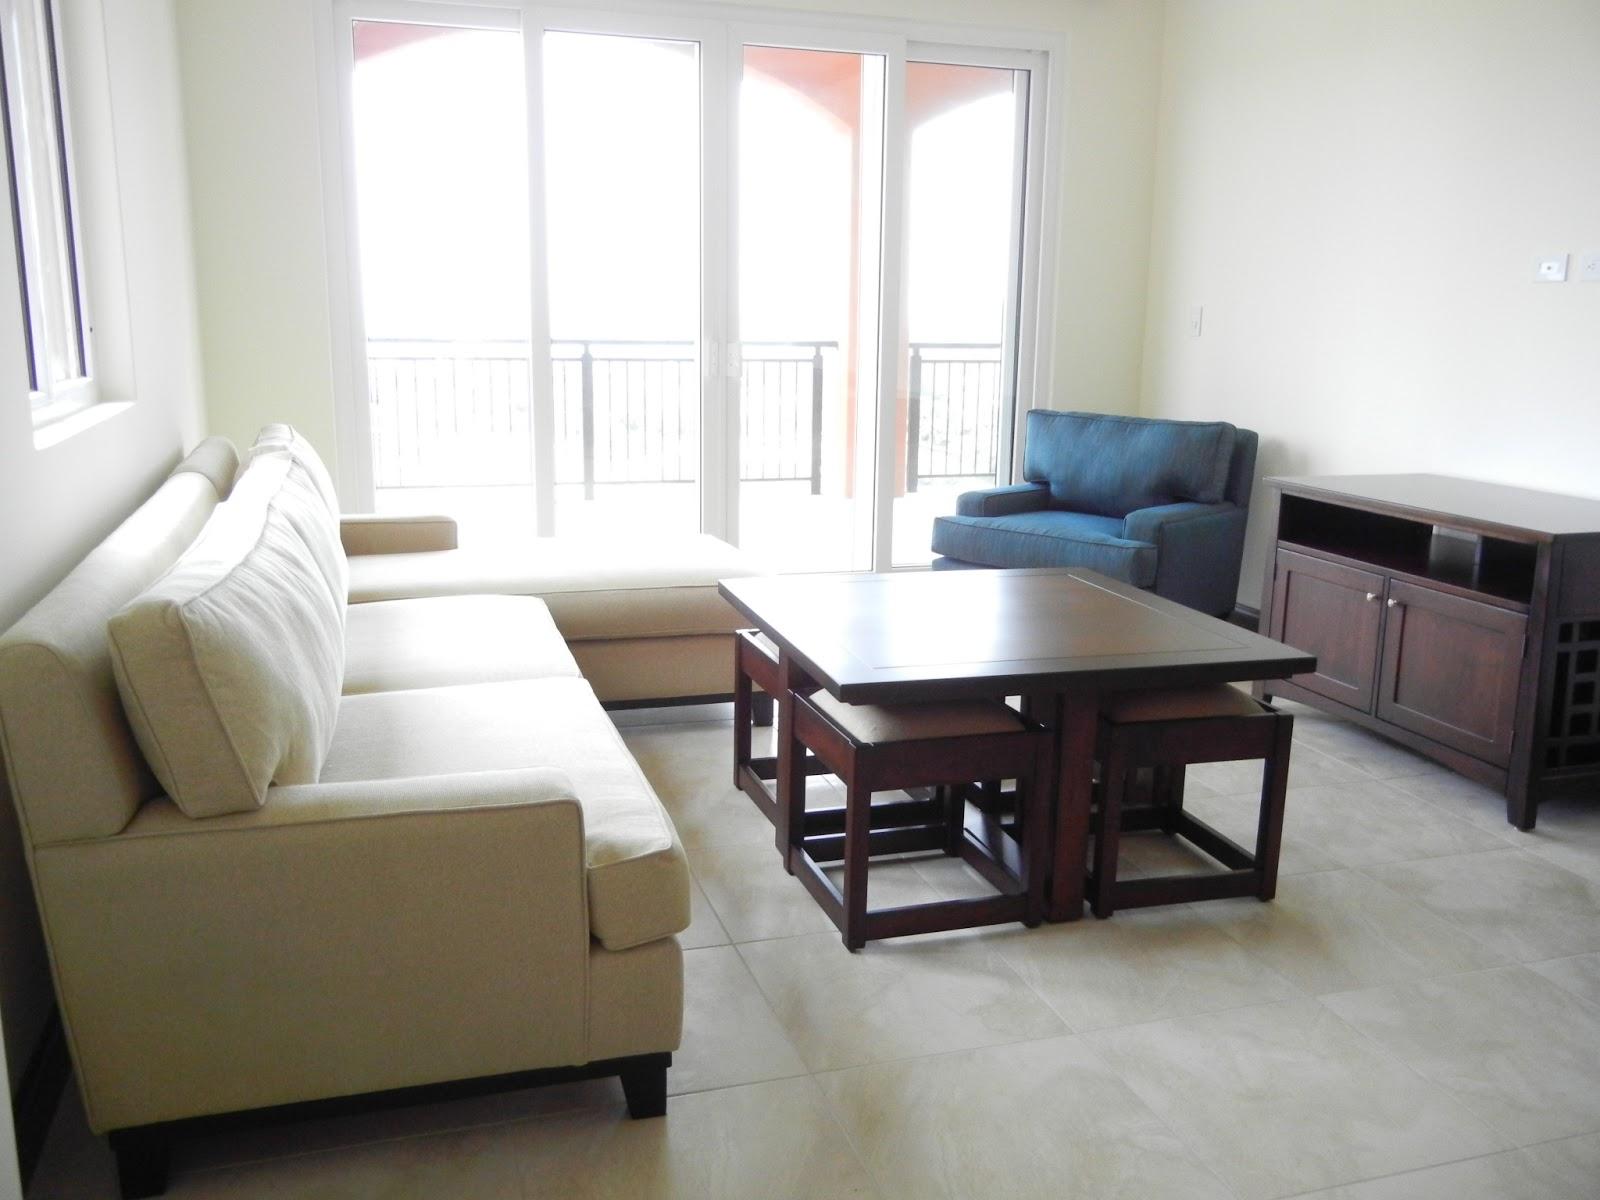 Furniture in Costa Rica